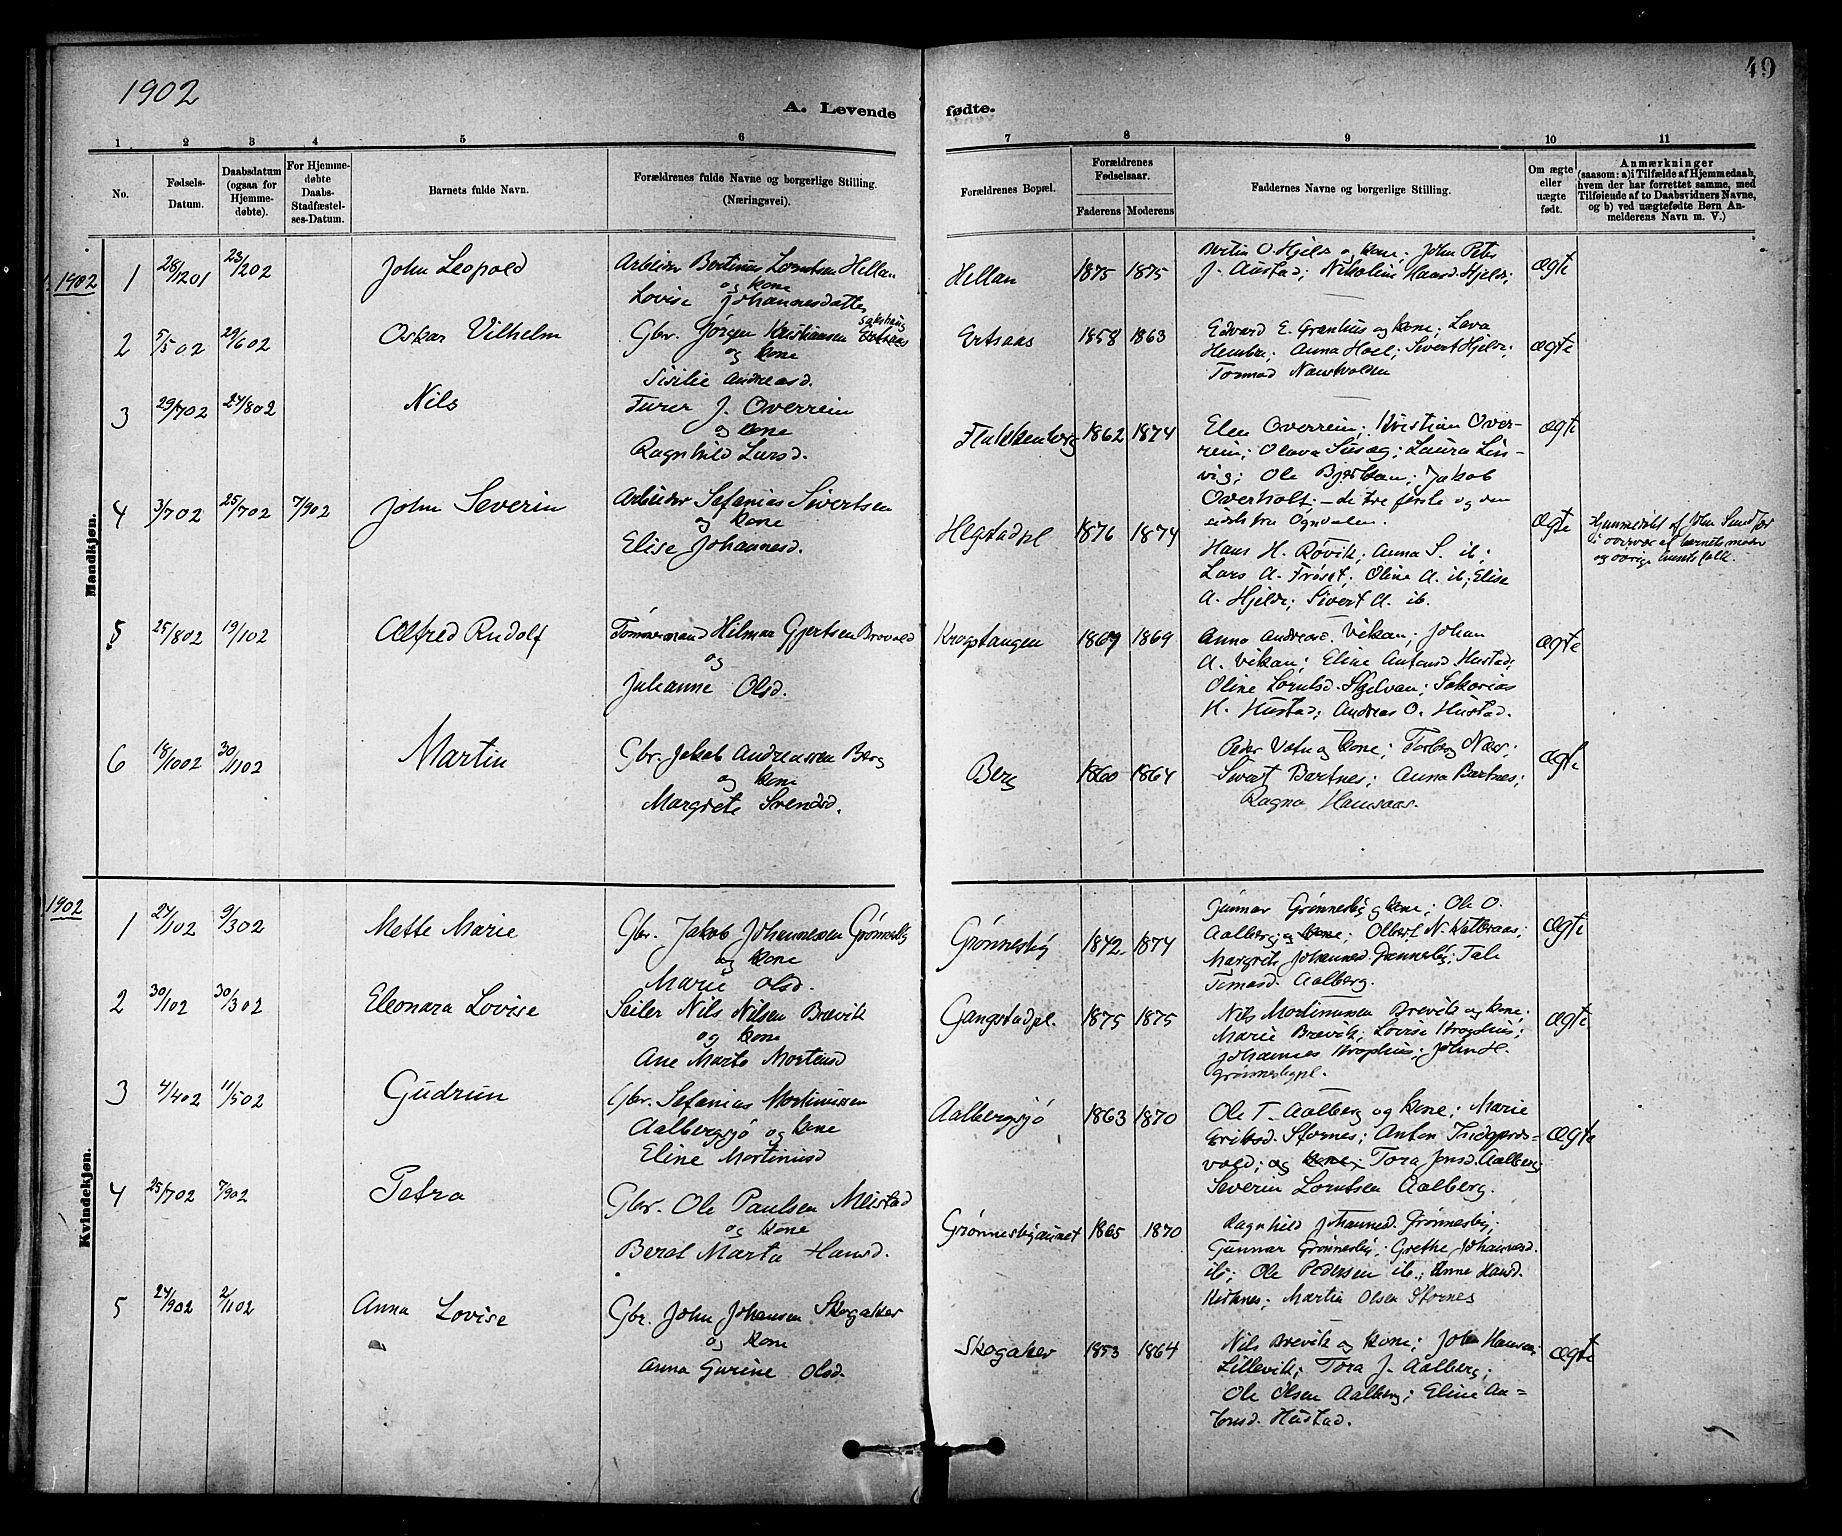 SAT, Ministerialprotokoller, klokkerbøker og fødselsregistre - Nord-Trøndelag, 732/L0318: Klokkerbok nr. 732C02, 1881-1911, s. 49